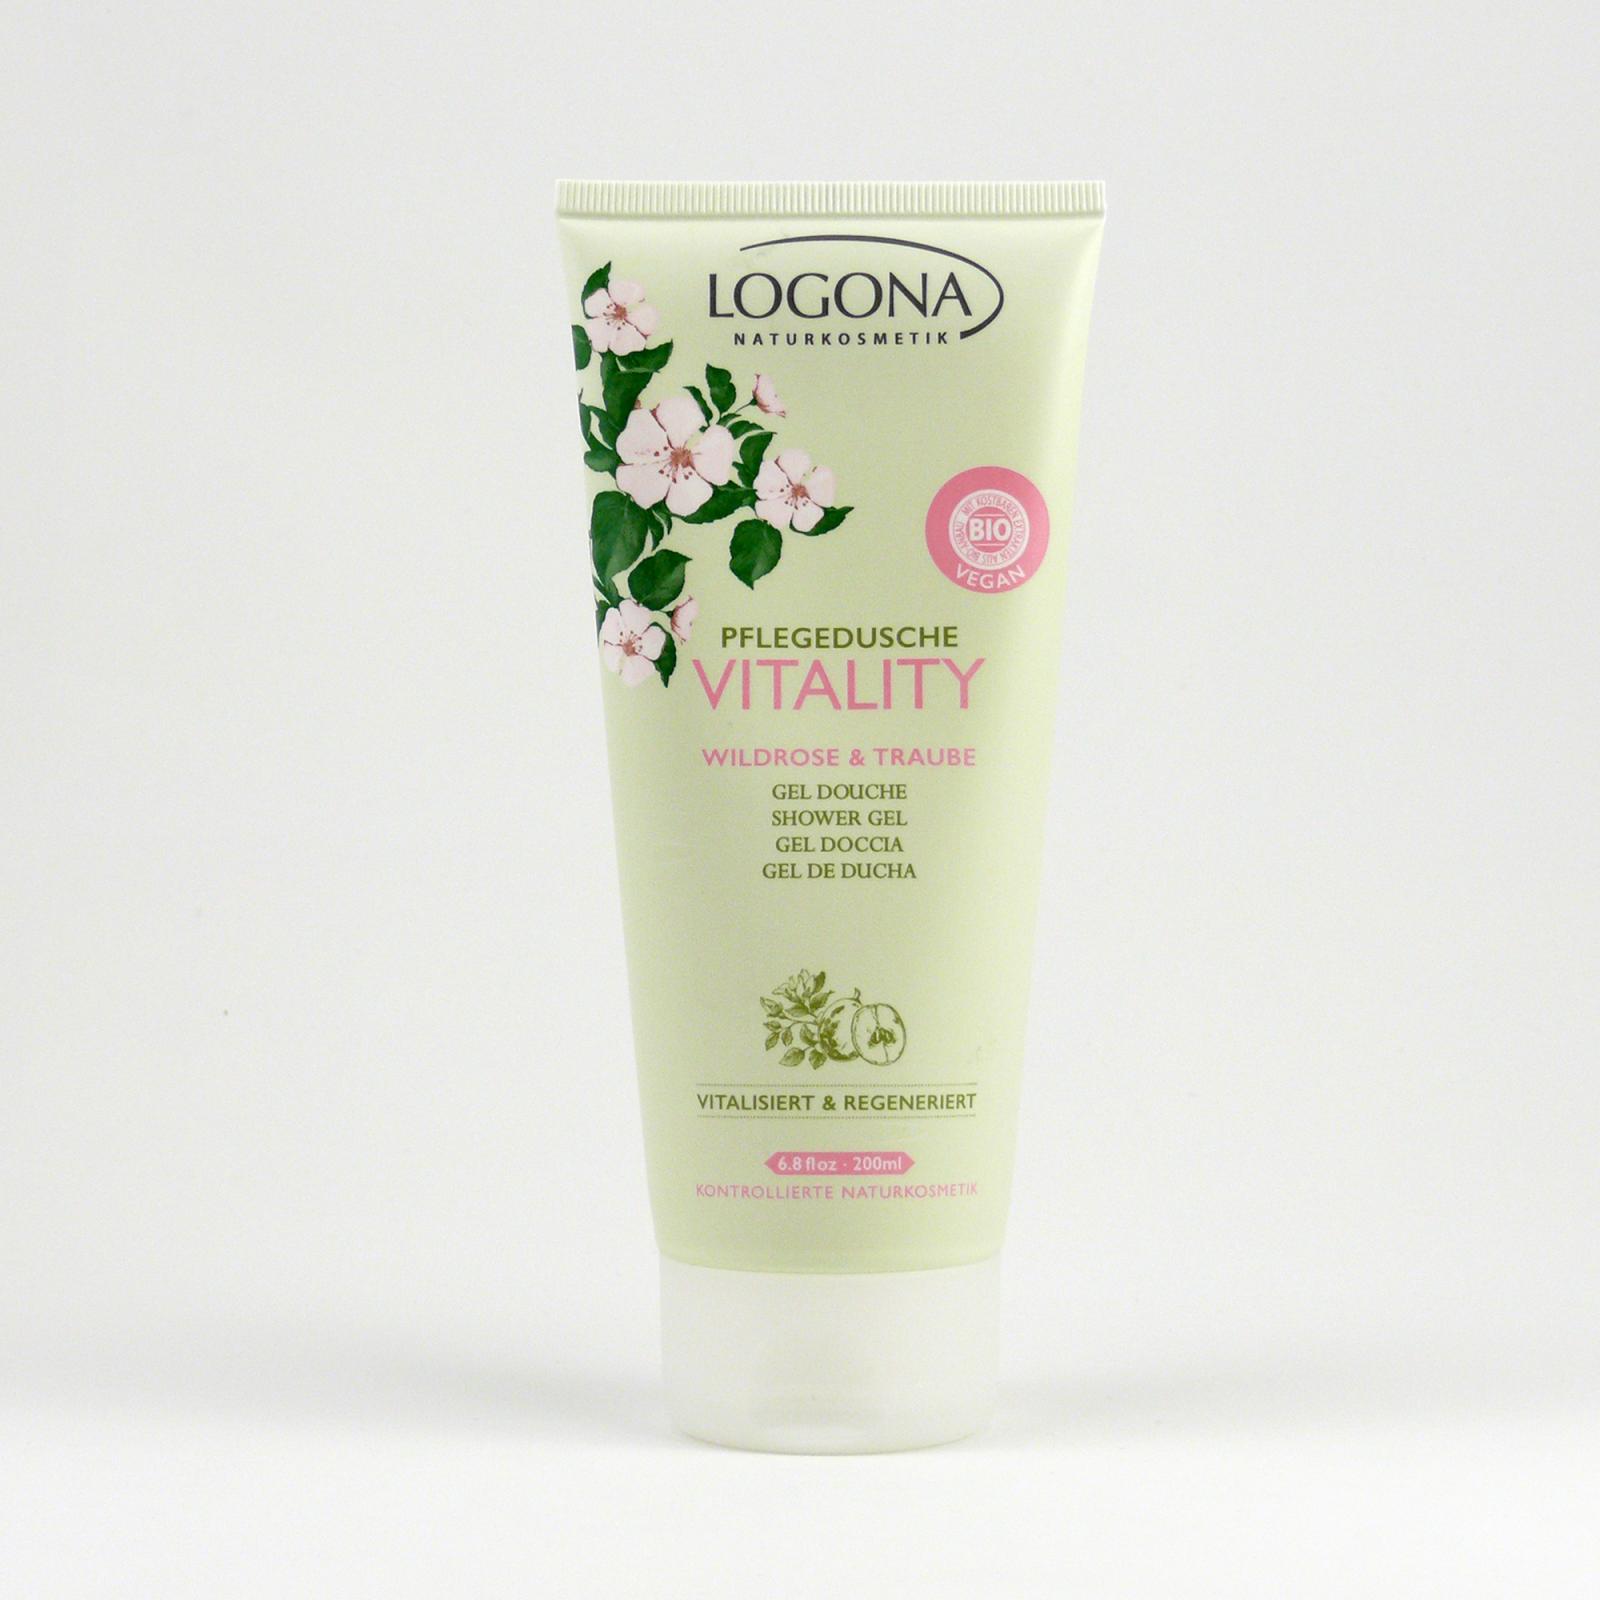 Logona Sprchový gel růže a hrozny, Vitality 200 ml